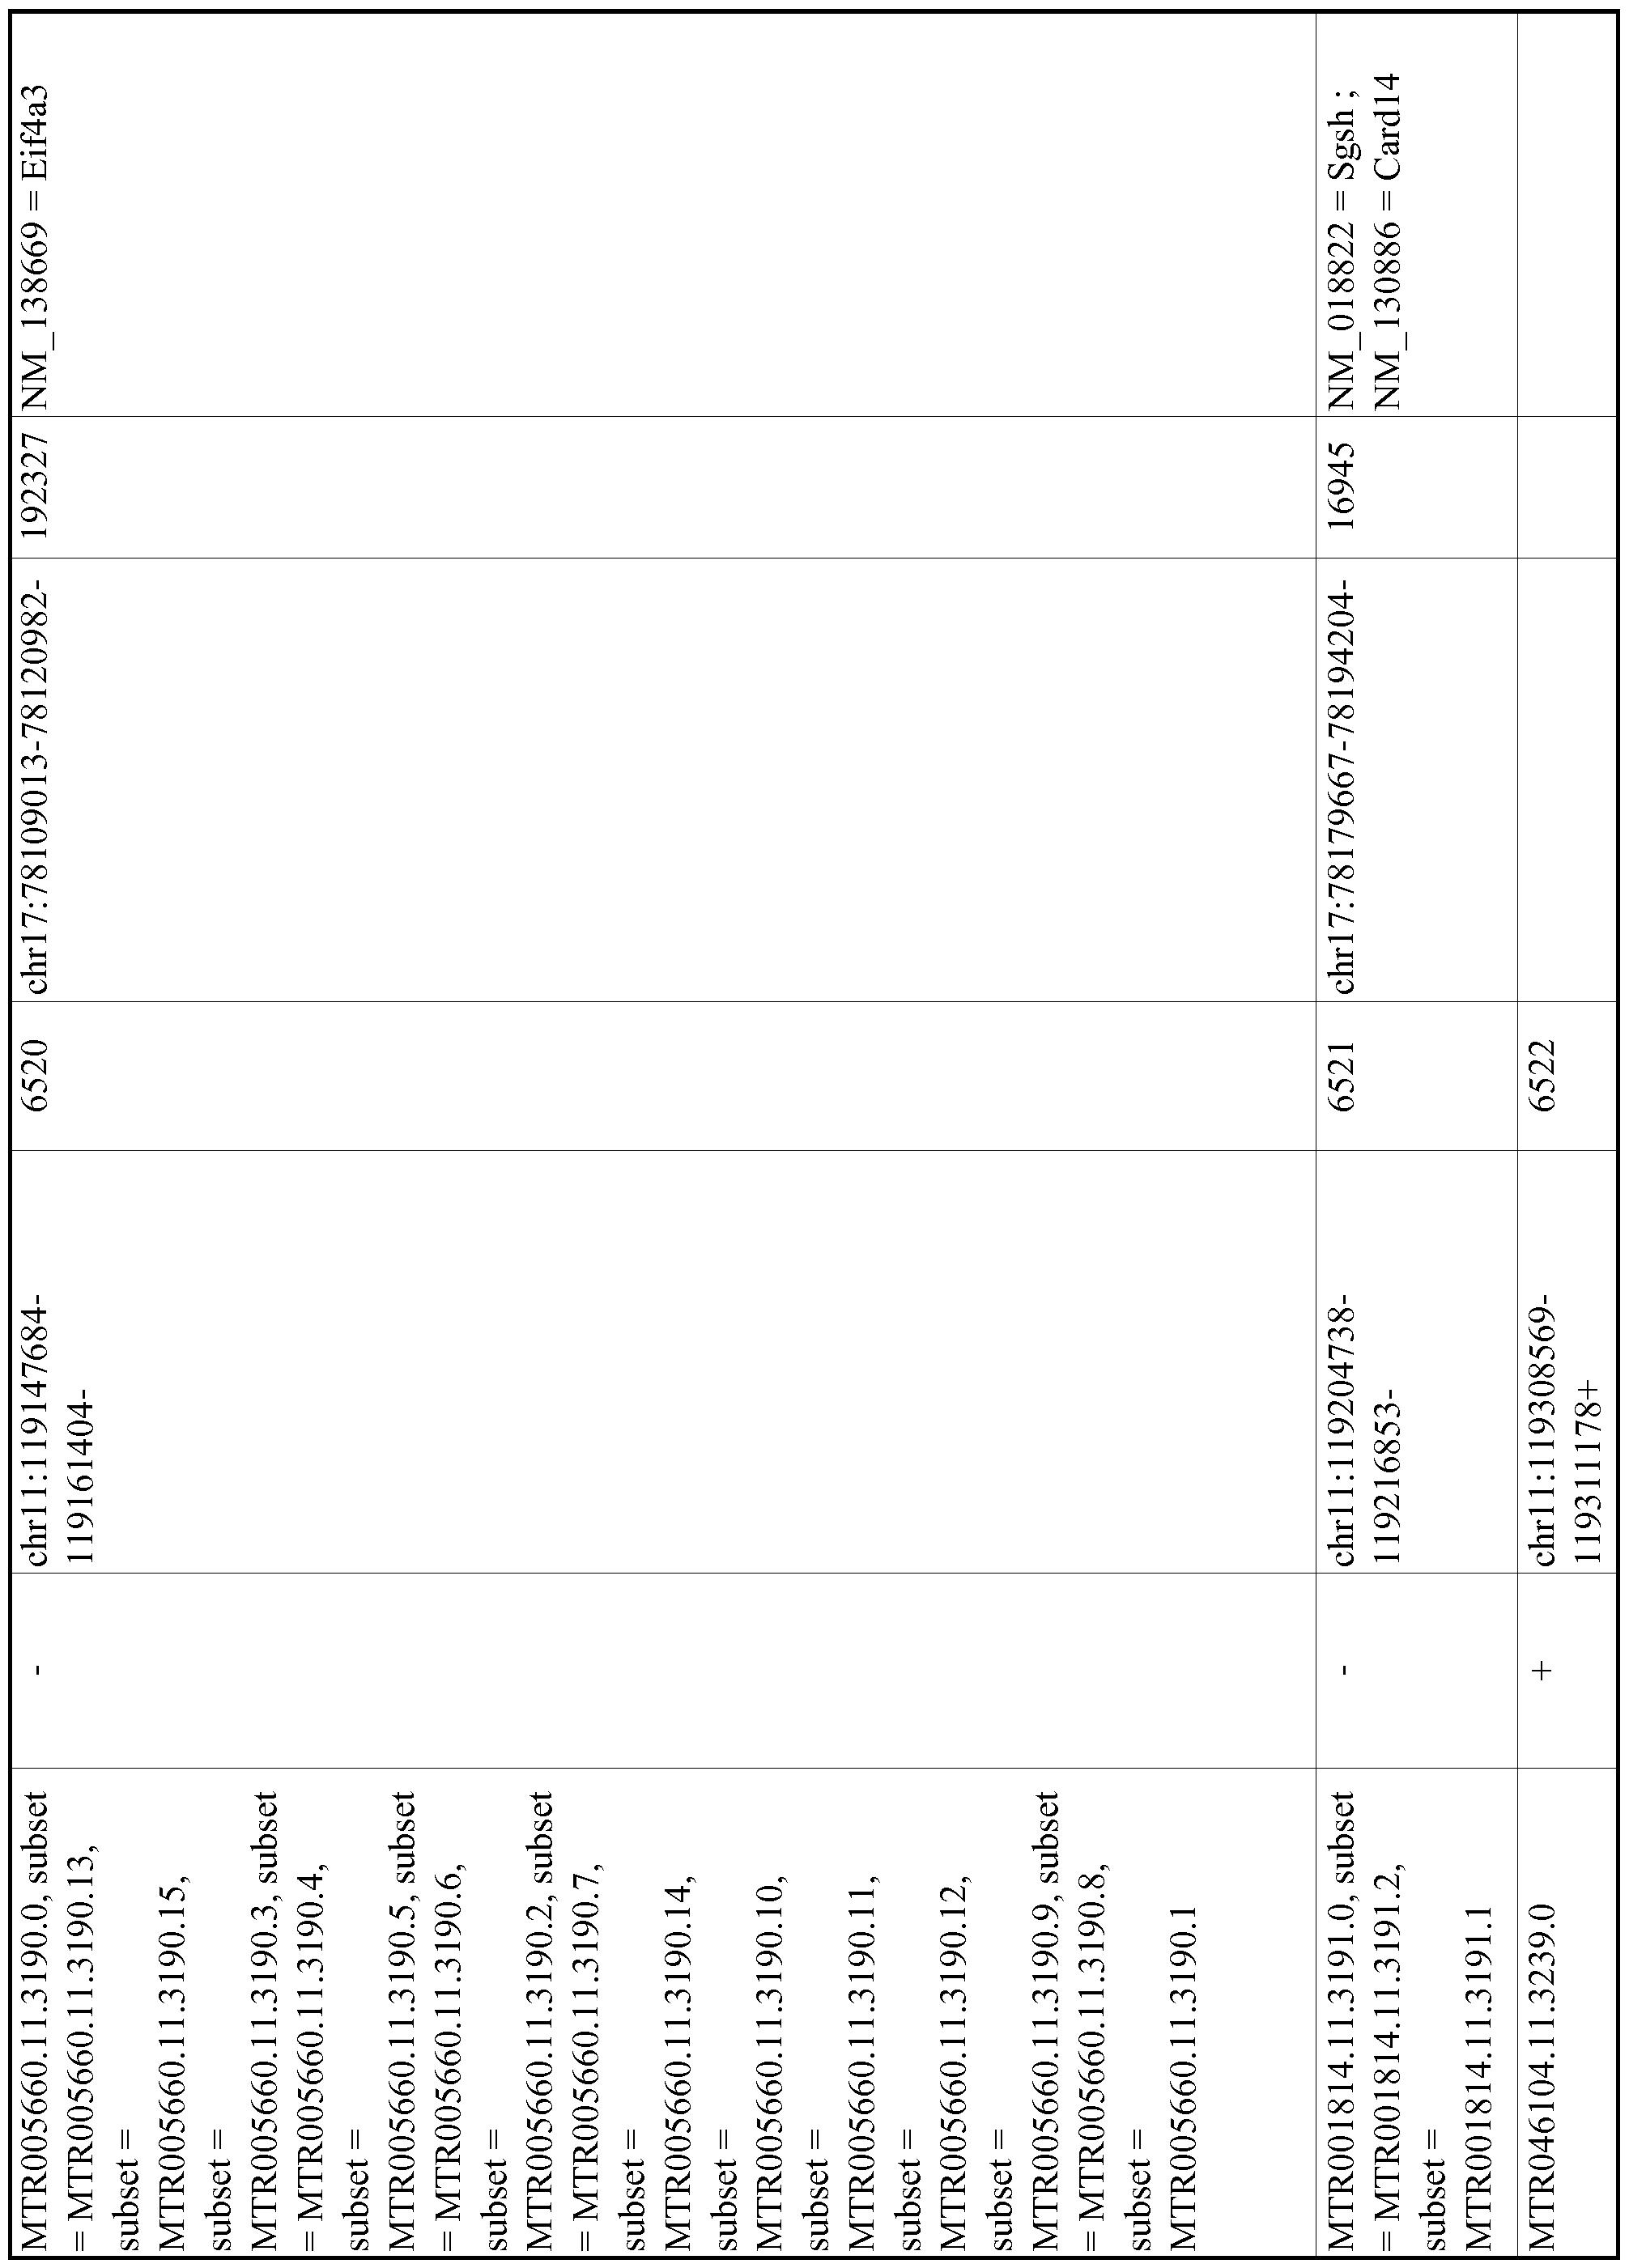 Figure imgf001170_0001